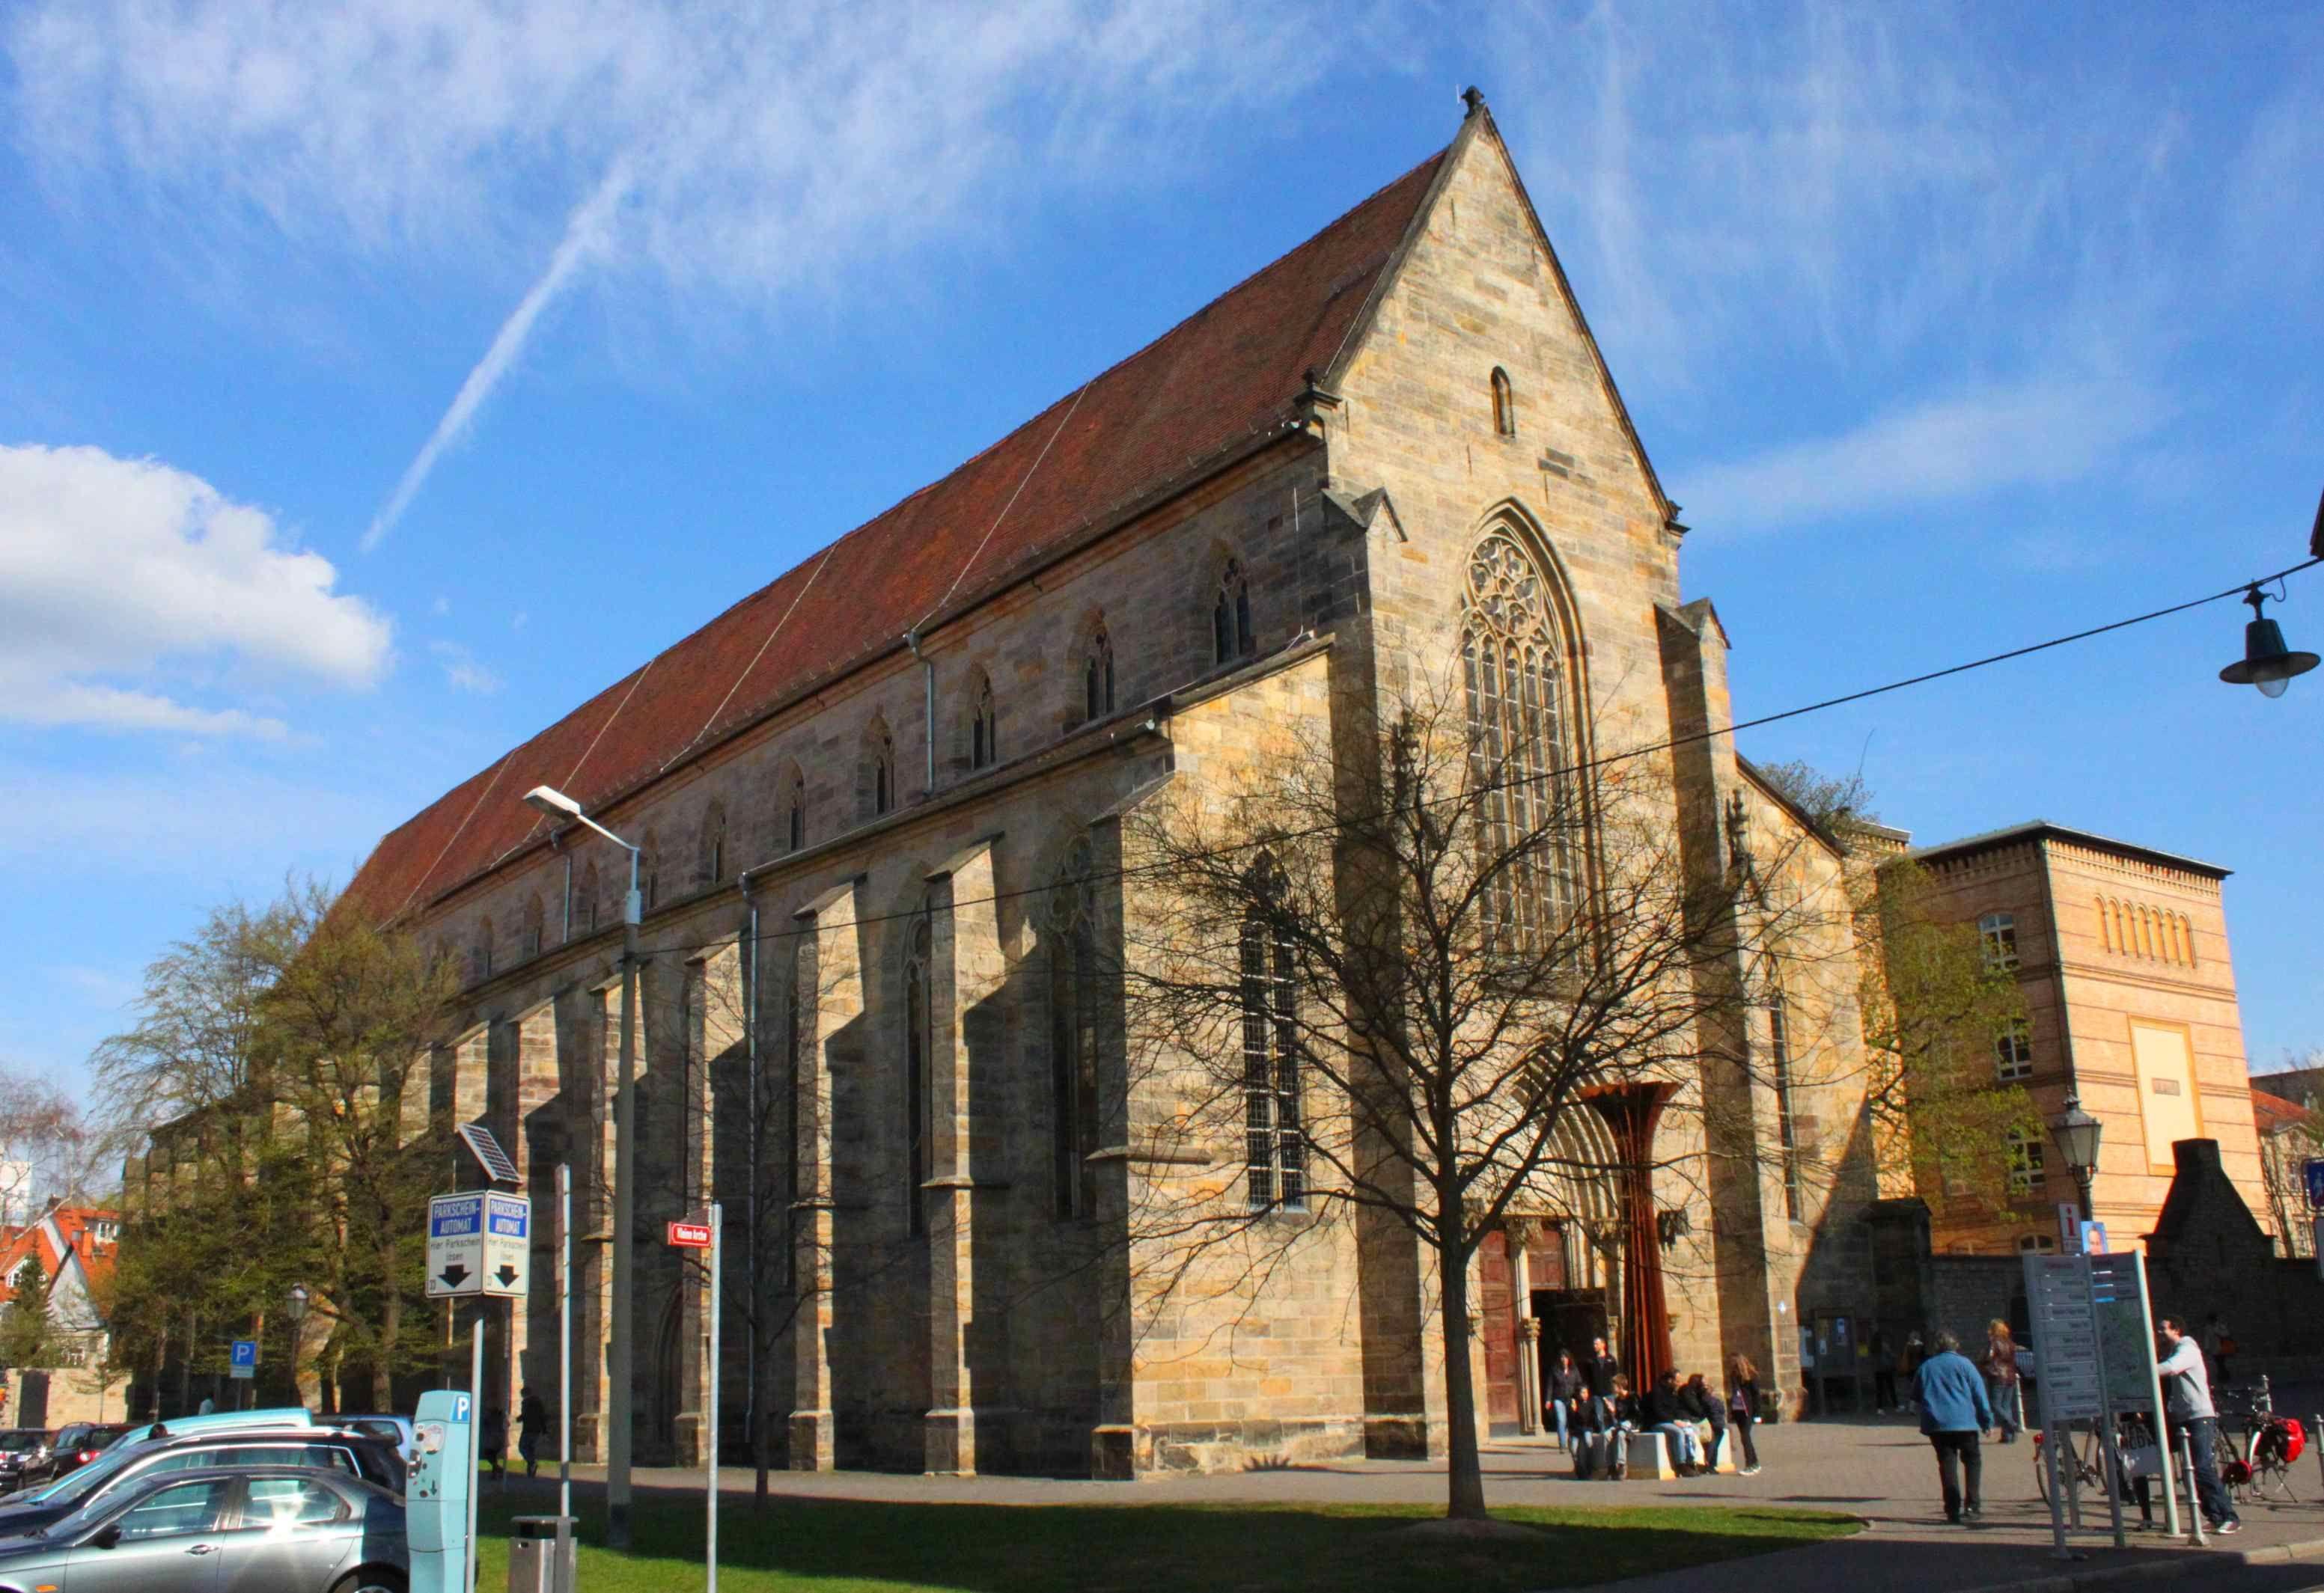 predigerkirche erfurt - Chiesa dei Domenicani a Erfurt, fondata con l'annesso convento nel 1229 e costruita fra il 1278 e il 1380, è uno dei principali edifici degli Ordini Mendicanti in Germania.